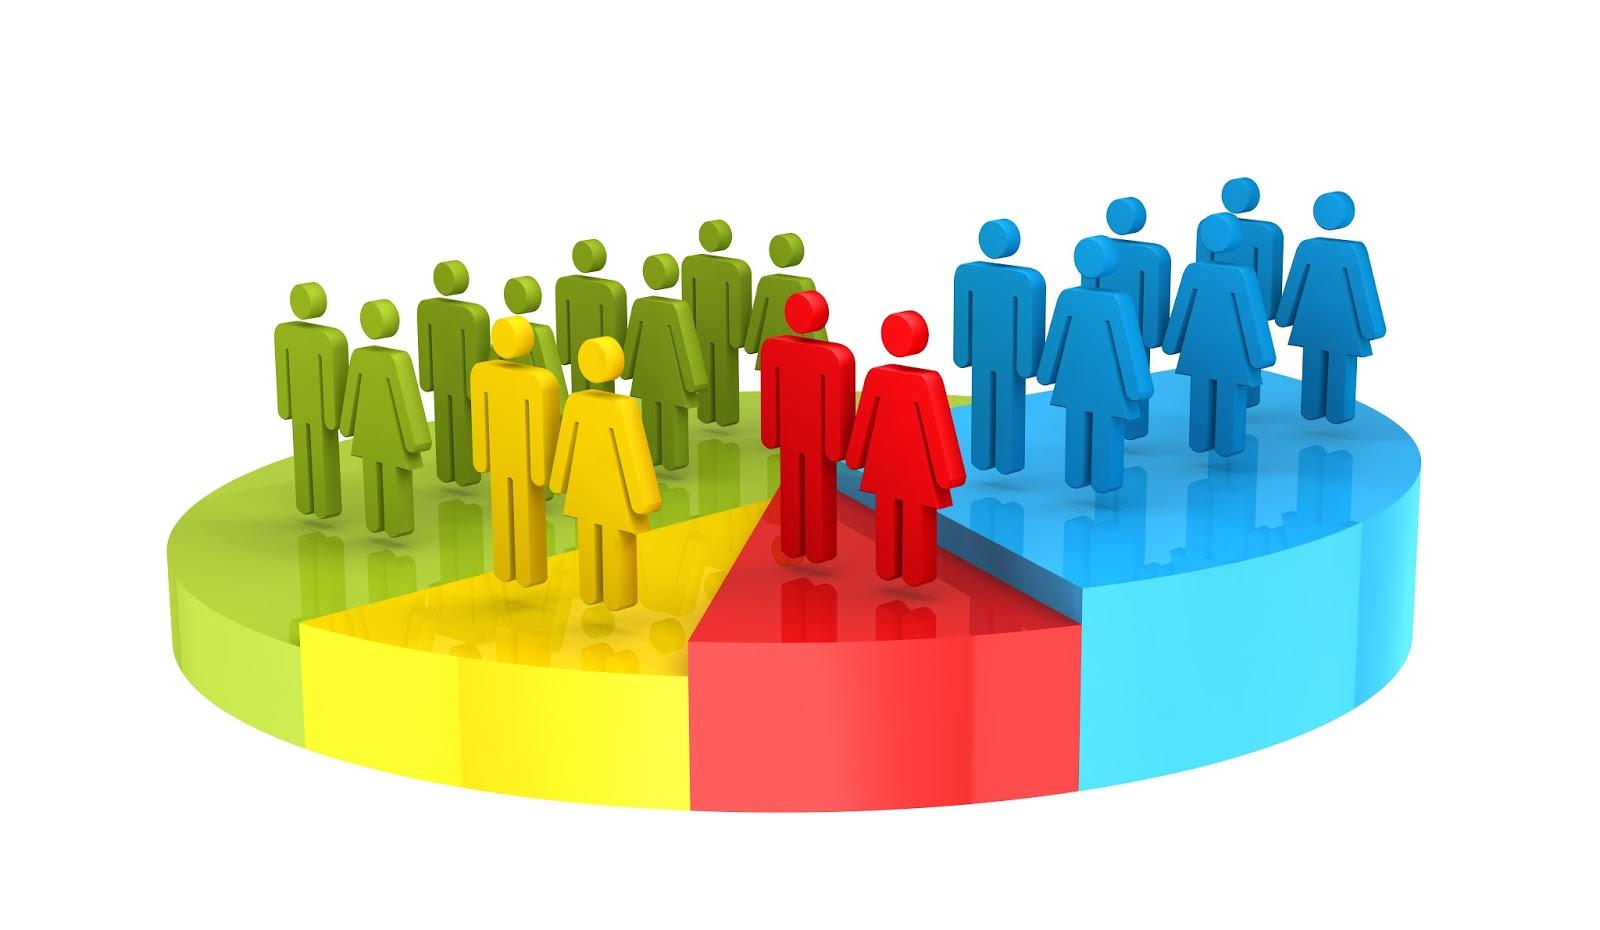 Risultato immagine per logo report demografico istat 2017